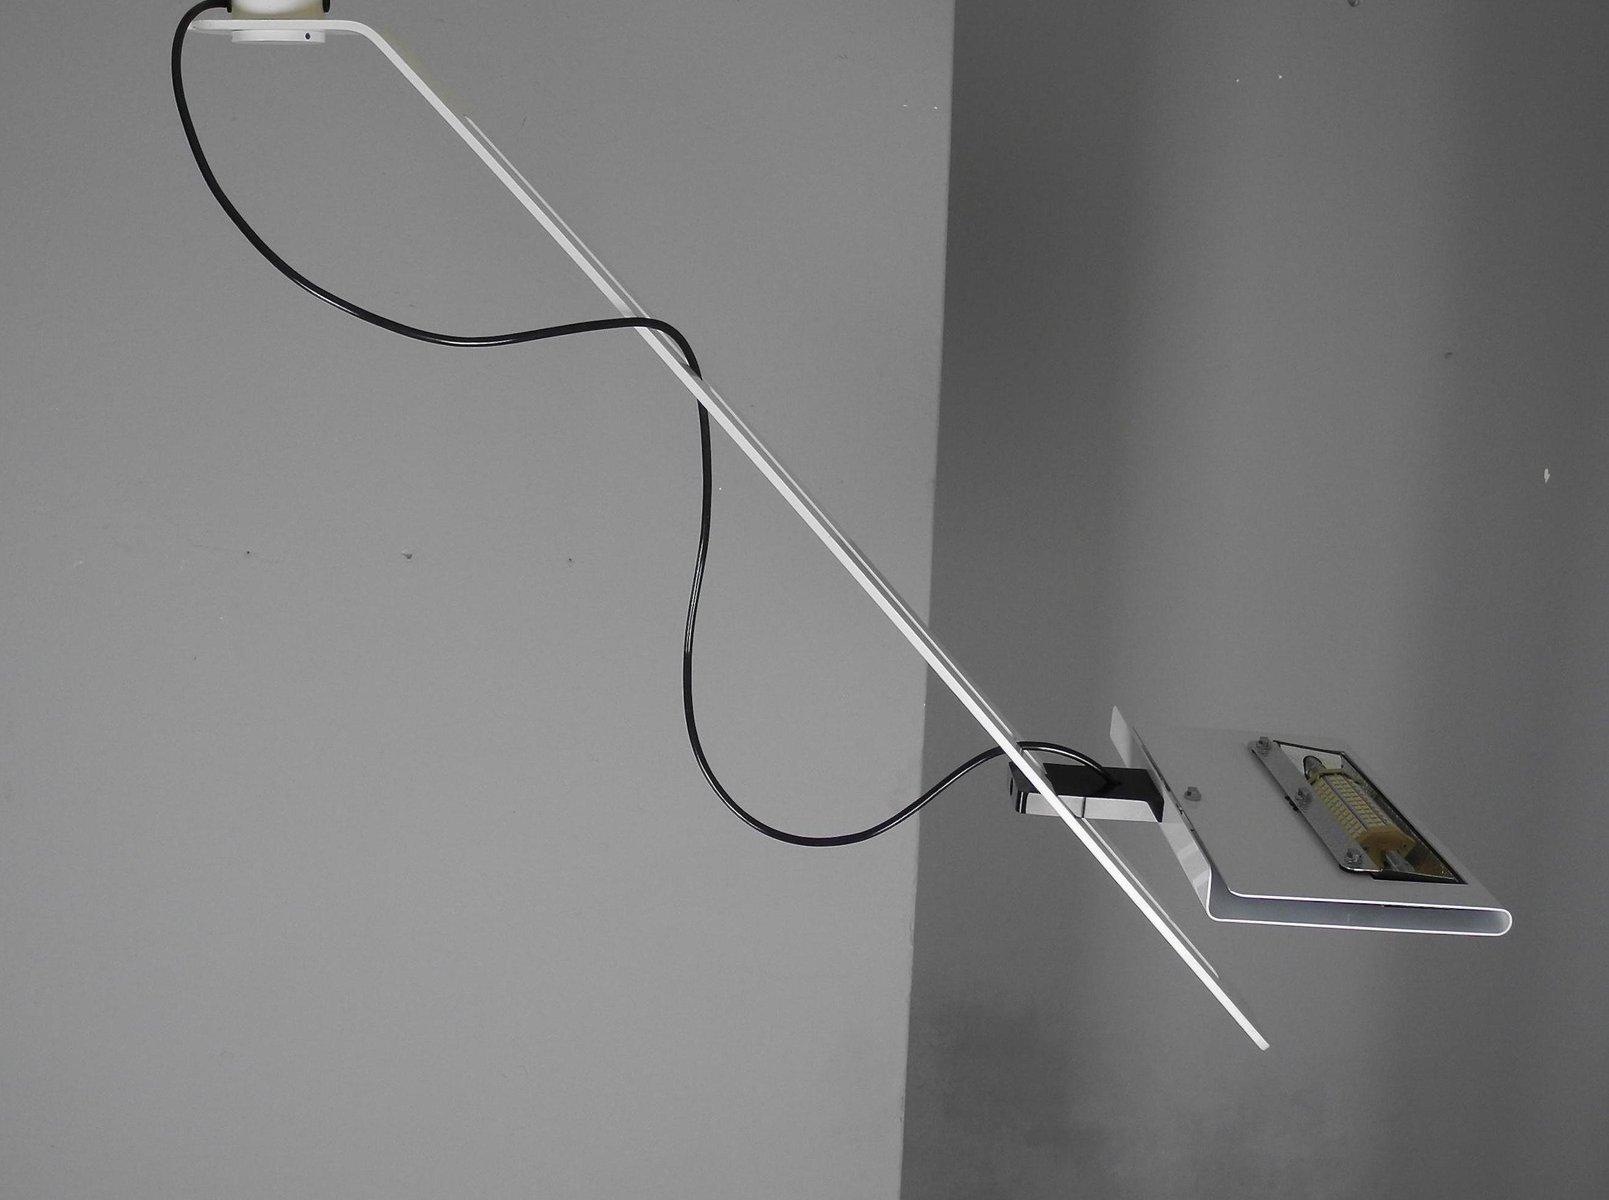 Modell Domea 886 Deckenlampe von Bruno Gecchelin für Oluce, 1970er